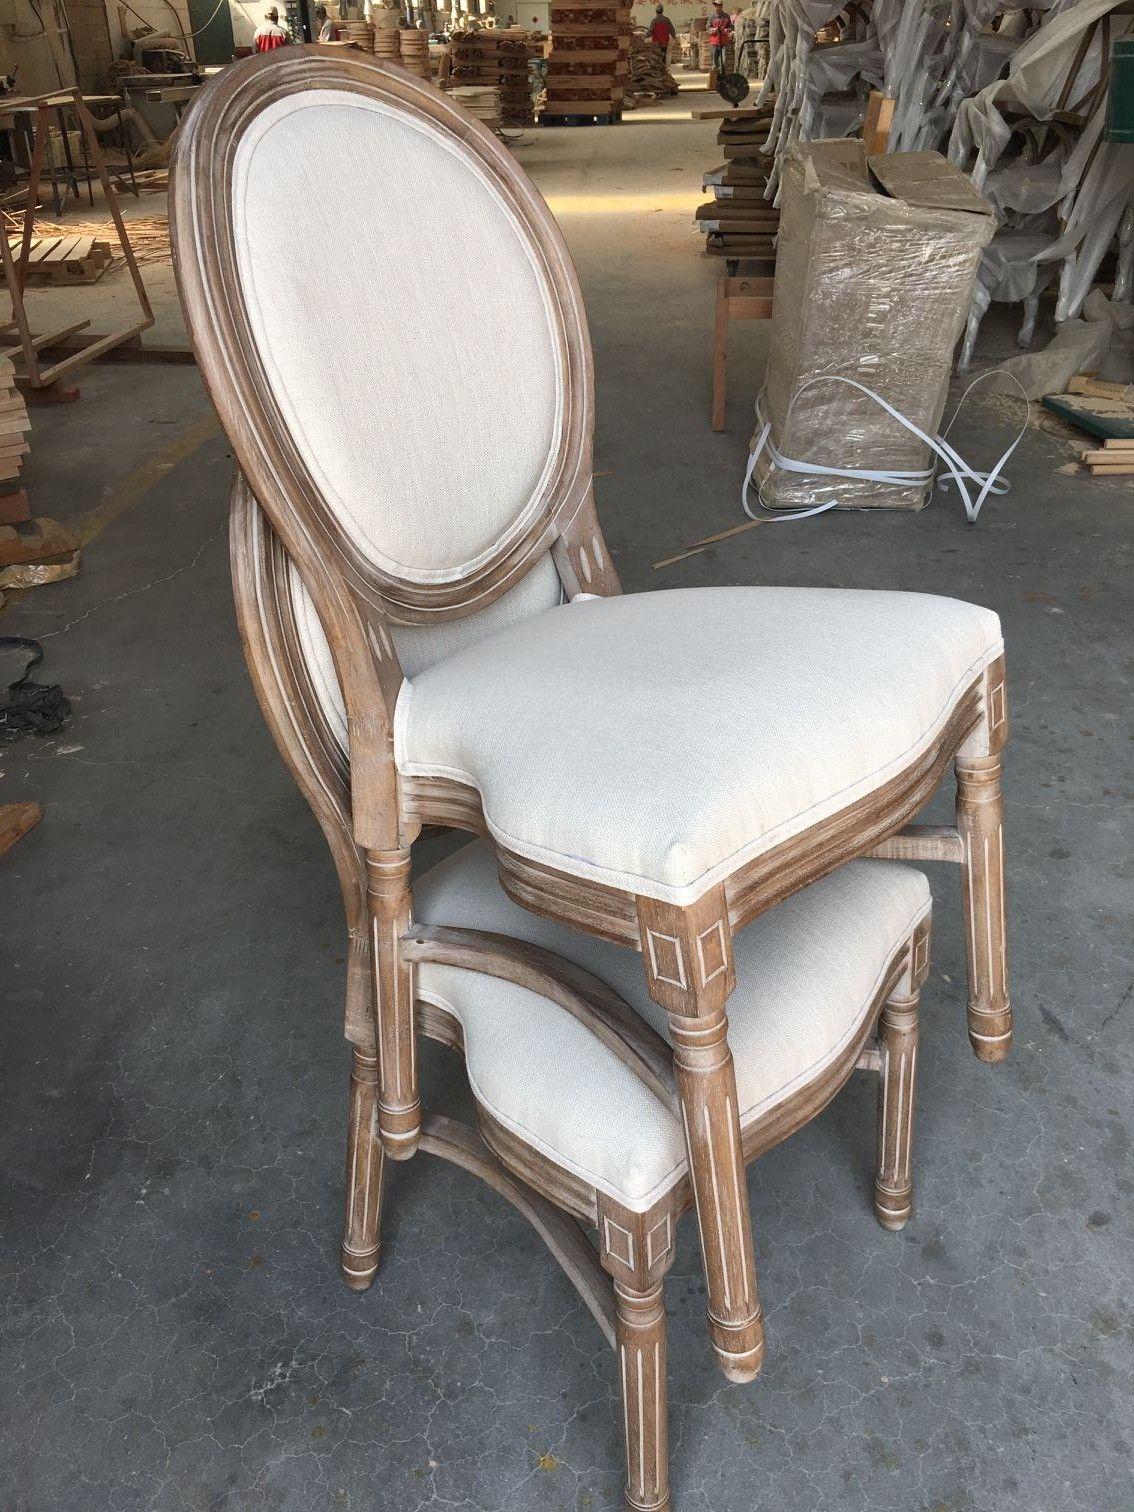 оптовая цена завода древесины дуба/березы деревянные stackable Луи стул с съемной пусковой площадкой места